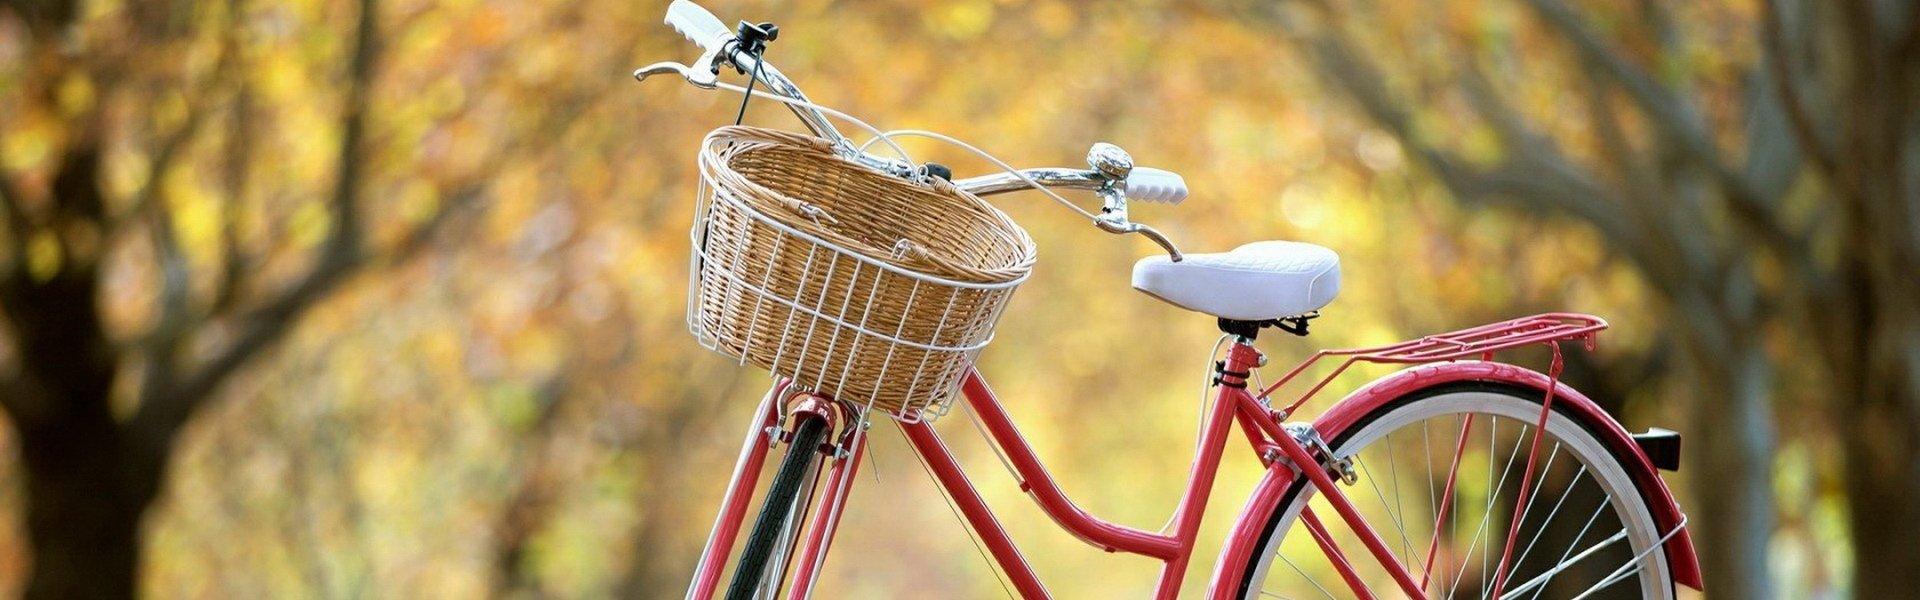 自行車租借服務